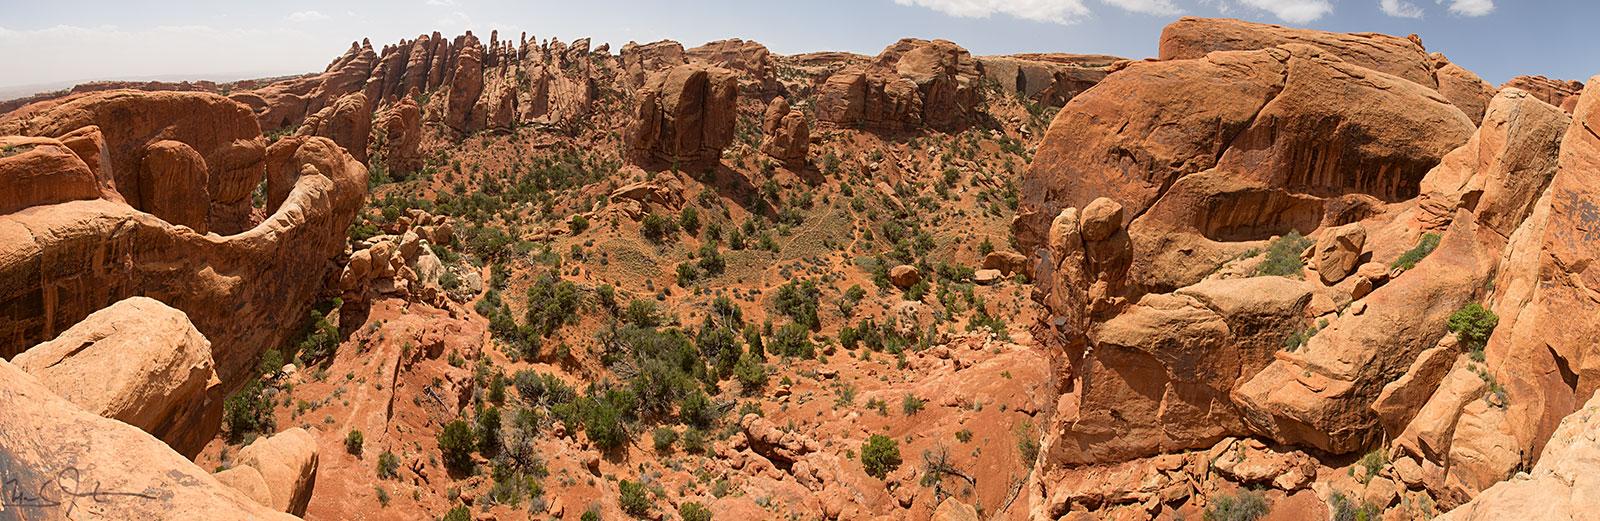 Devil's Garden, Arches National Park, near Moab, Utah.